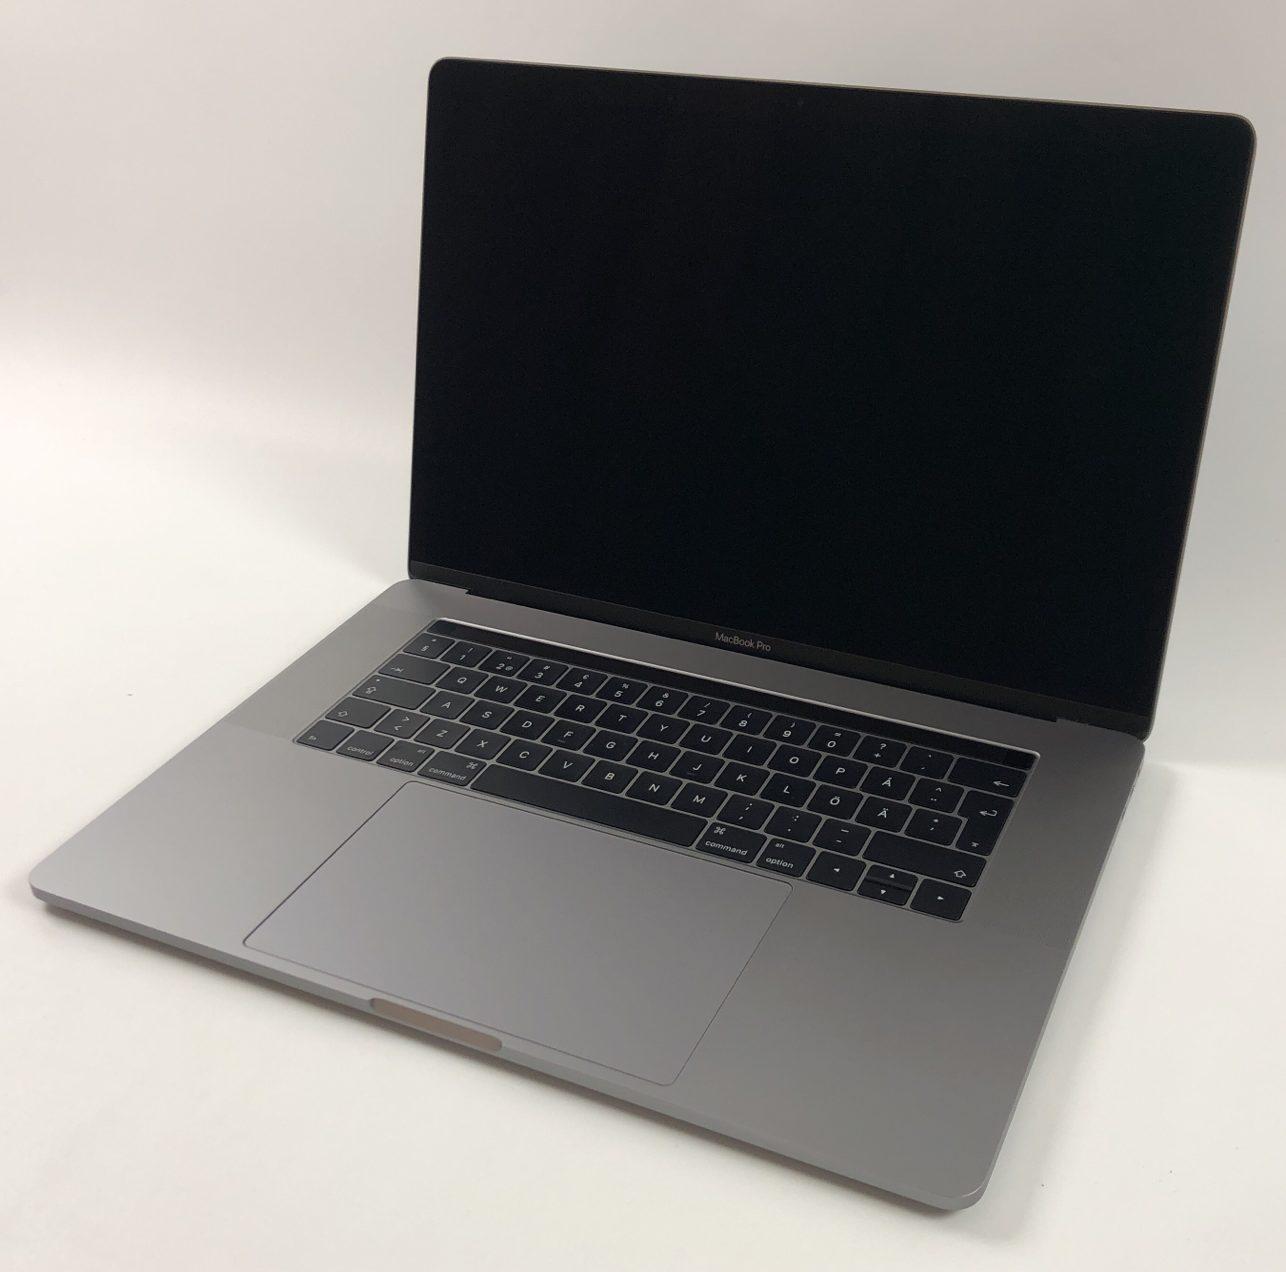 """MacBook Pro 15"""" Touch Bar Late 2016 (Intel Quad-Core i7 2.7 GHz 16 GB RAM 512 GB SSD), Space Gray, Intel Quad-Core i7 2.7 GHz, 16 GB RAM, 512 GB SSD, bild 3"""